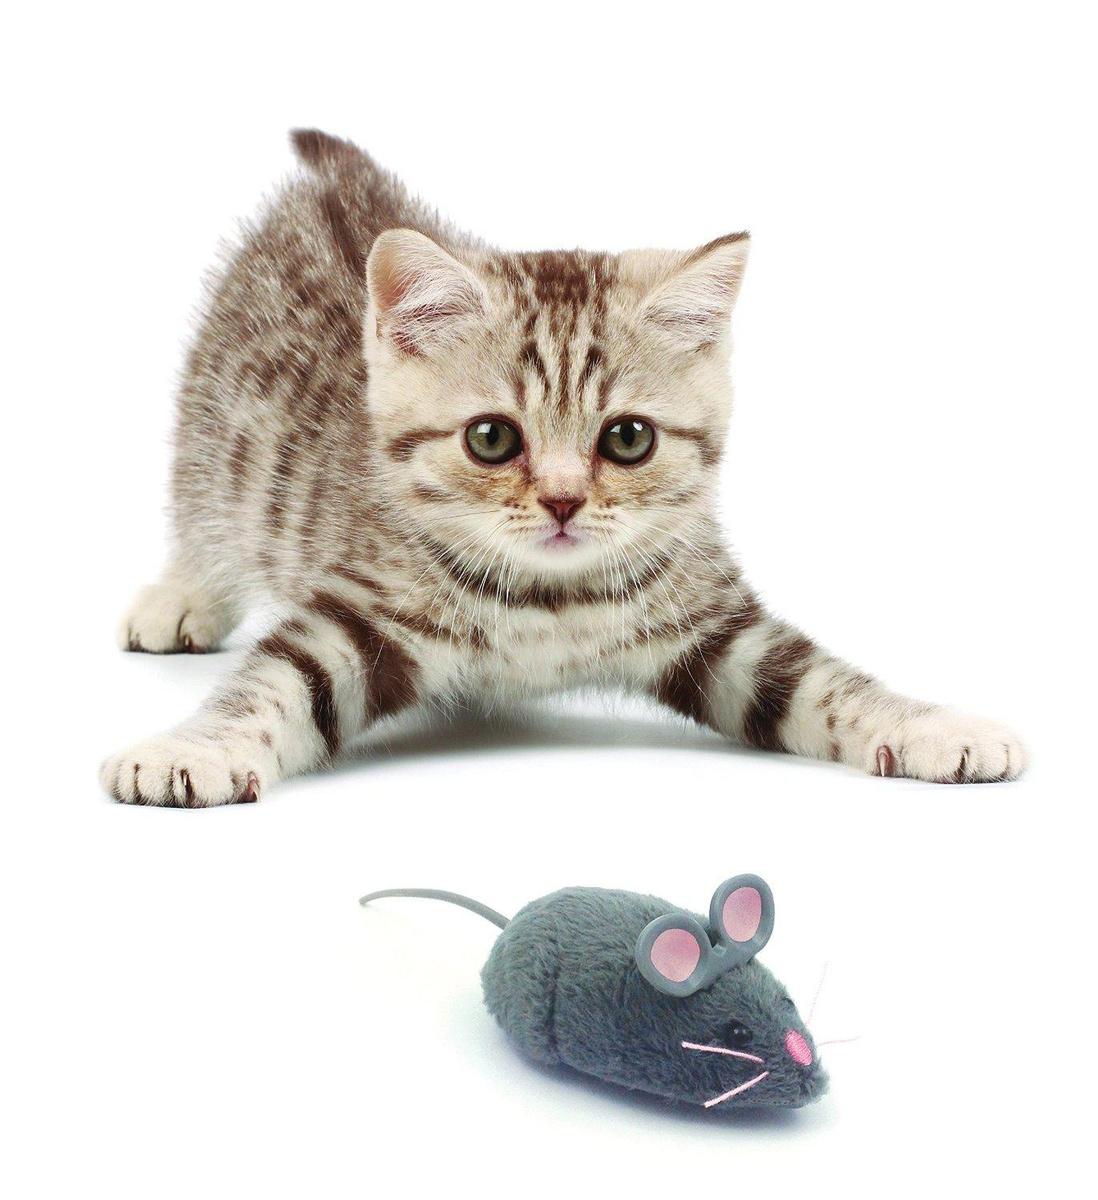 Игрушки для животных Hexbug Мышка интерактивная серая #1